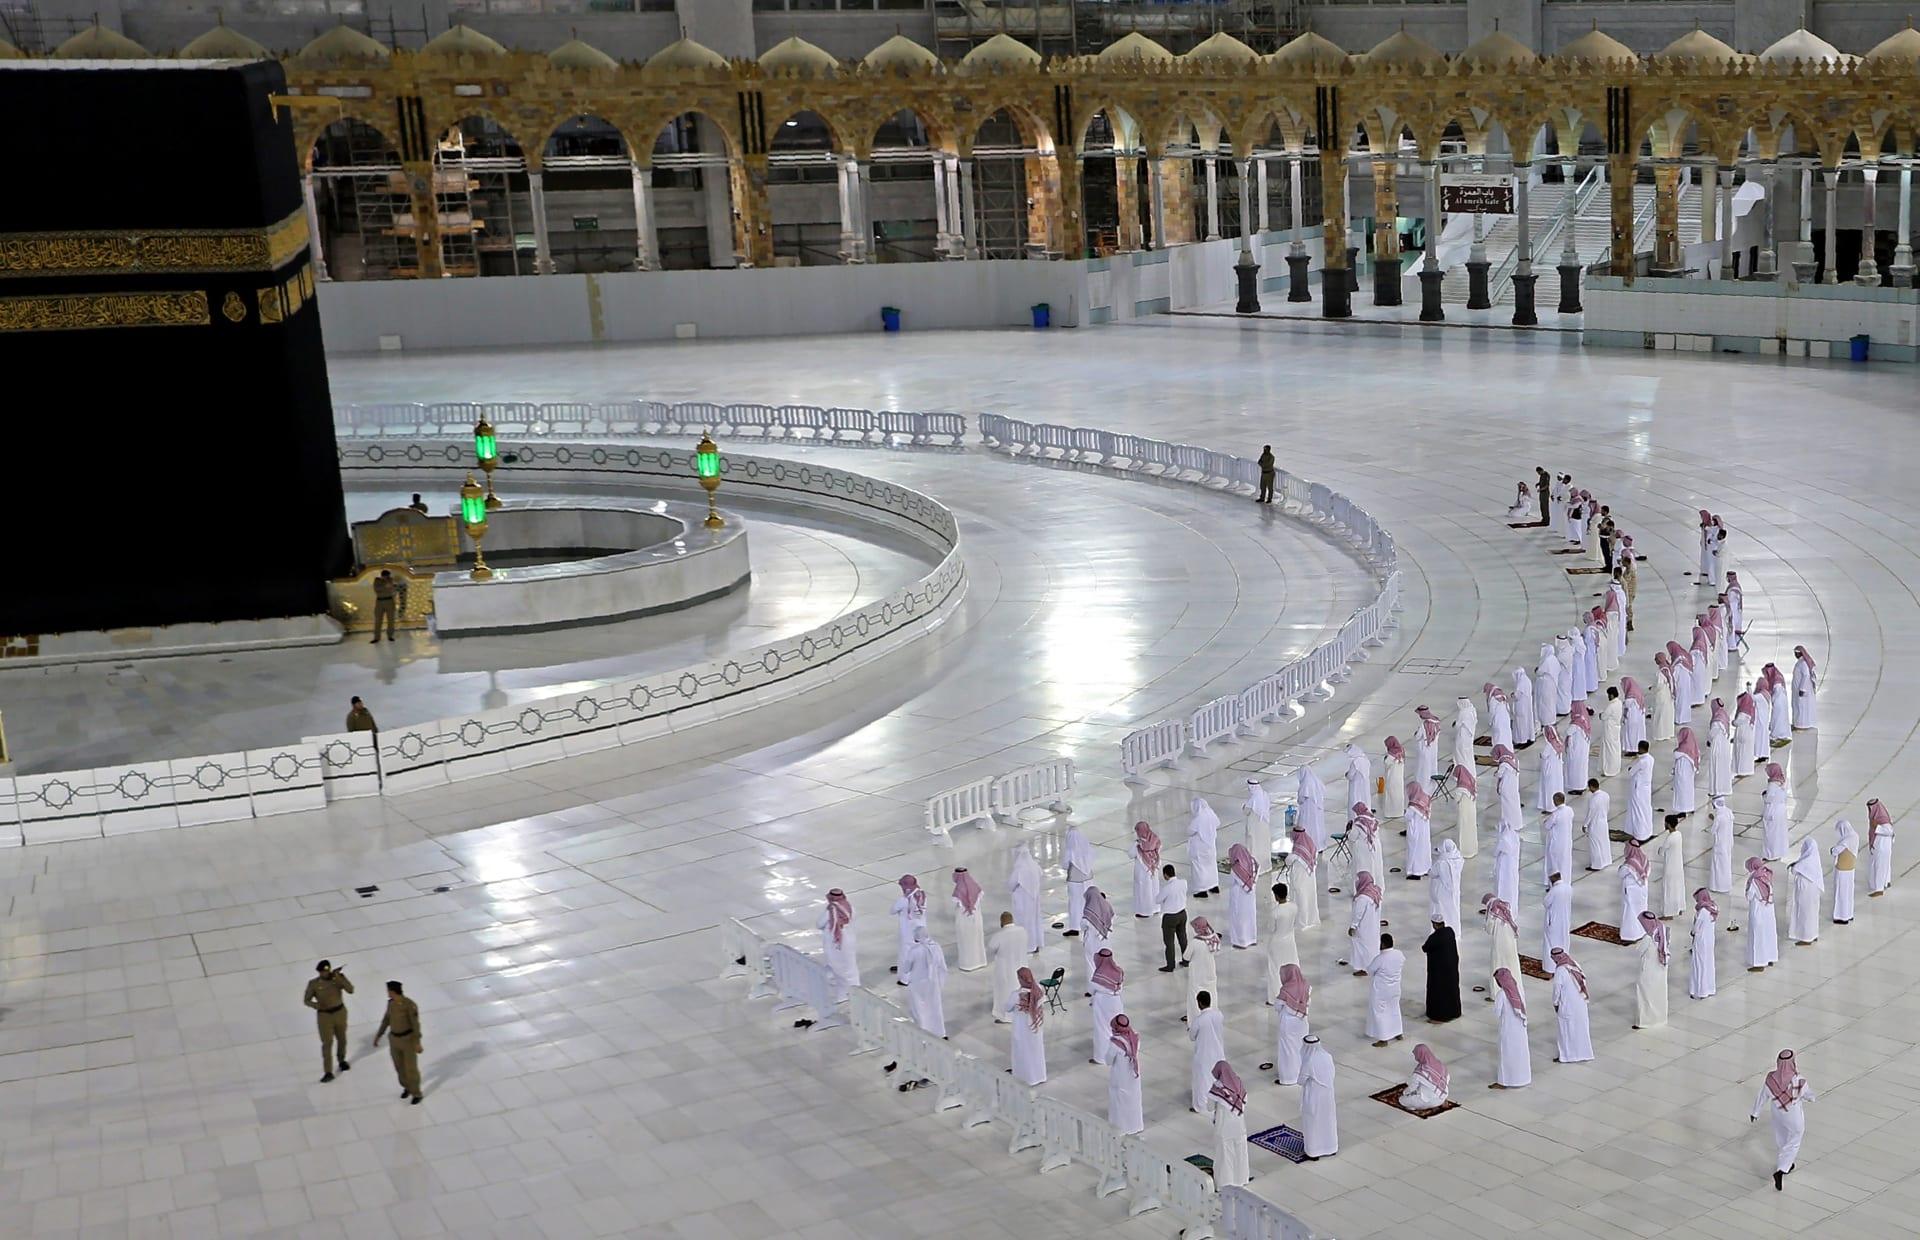 السعودية تقرر إقامة الحج بأعداد محدودة للمتواجدين داخل المملكة فقط